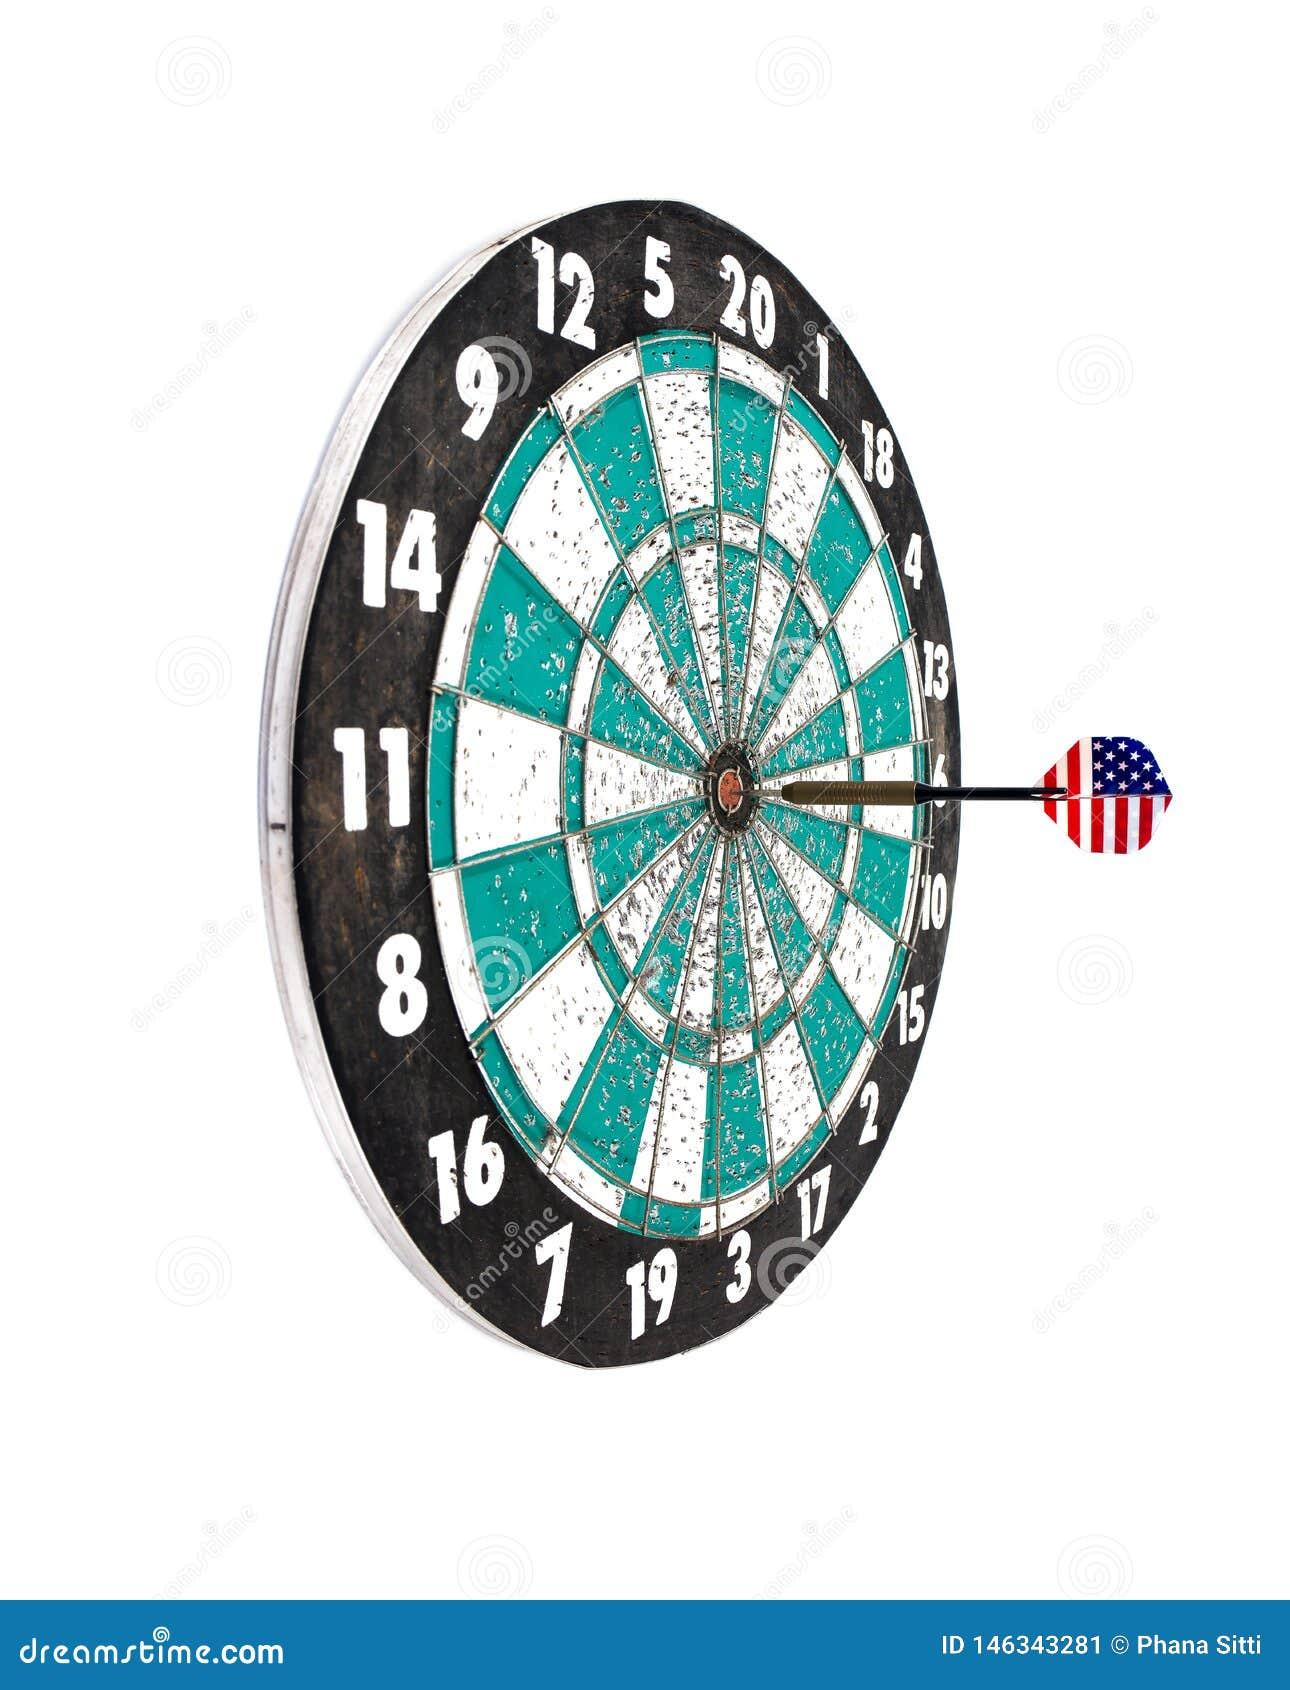 Pijltjepijl die een dartboarddoel raakt dat op witte achtergrond wordt geïsoleerd